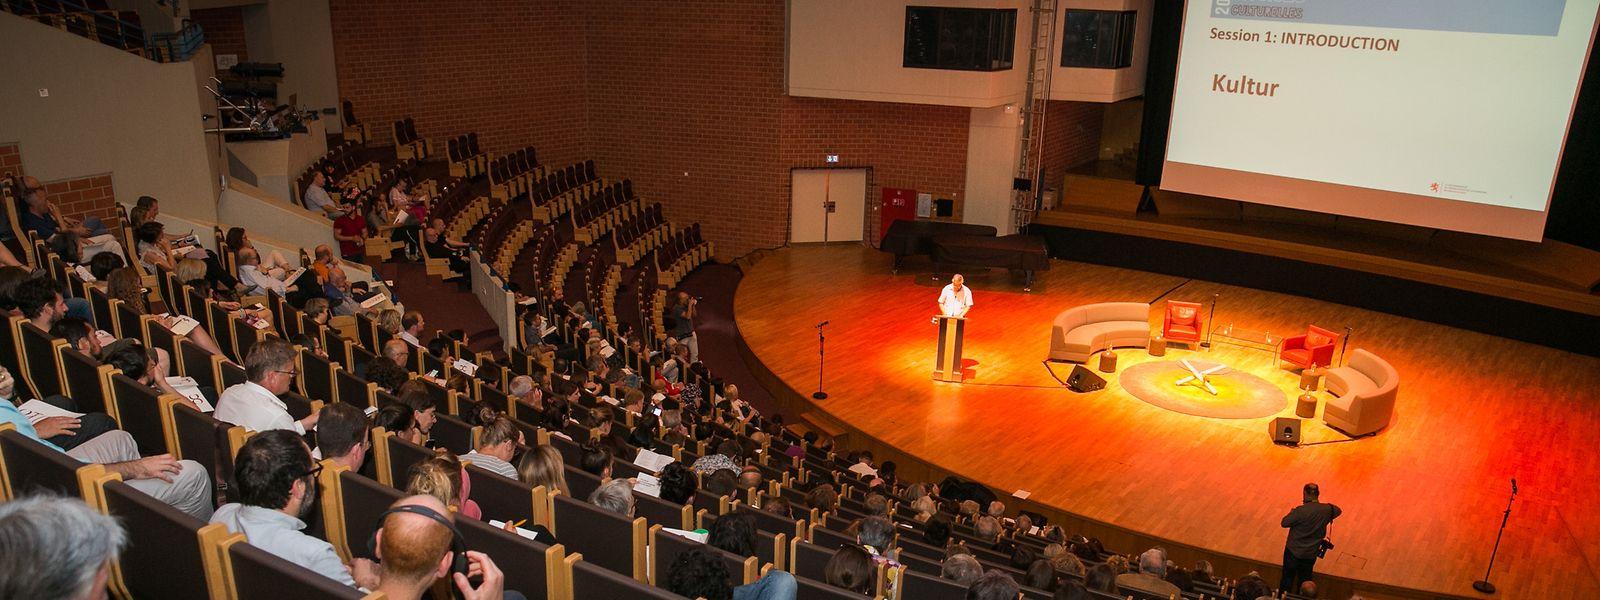 Im großen Forum der Assises Culturelles im hauptstädtischen Musikkonservatorium stellte Jo Kox die Vorlage für einen Kulturentwicklungsplan vor.